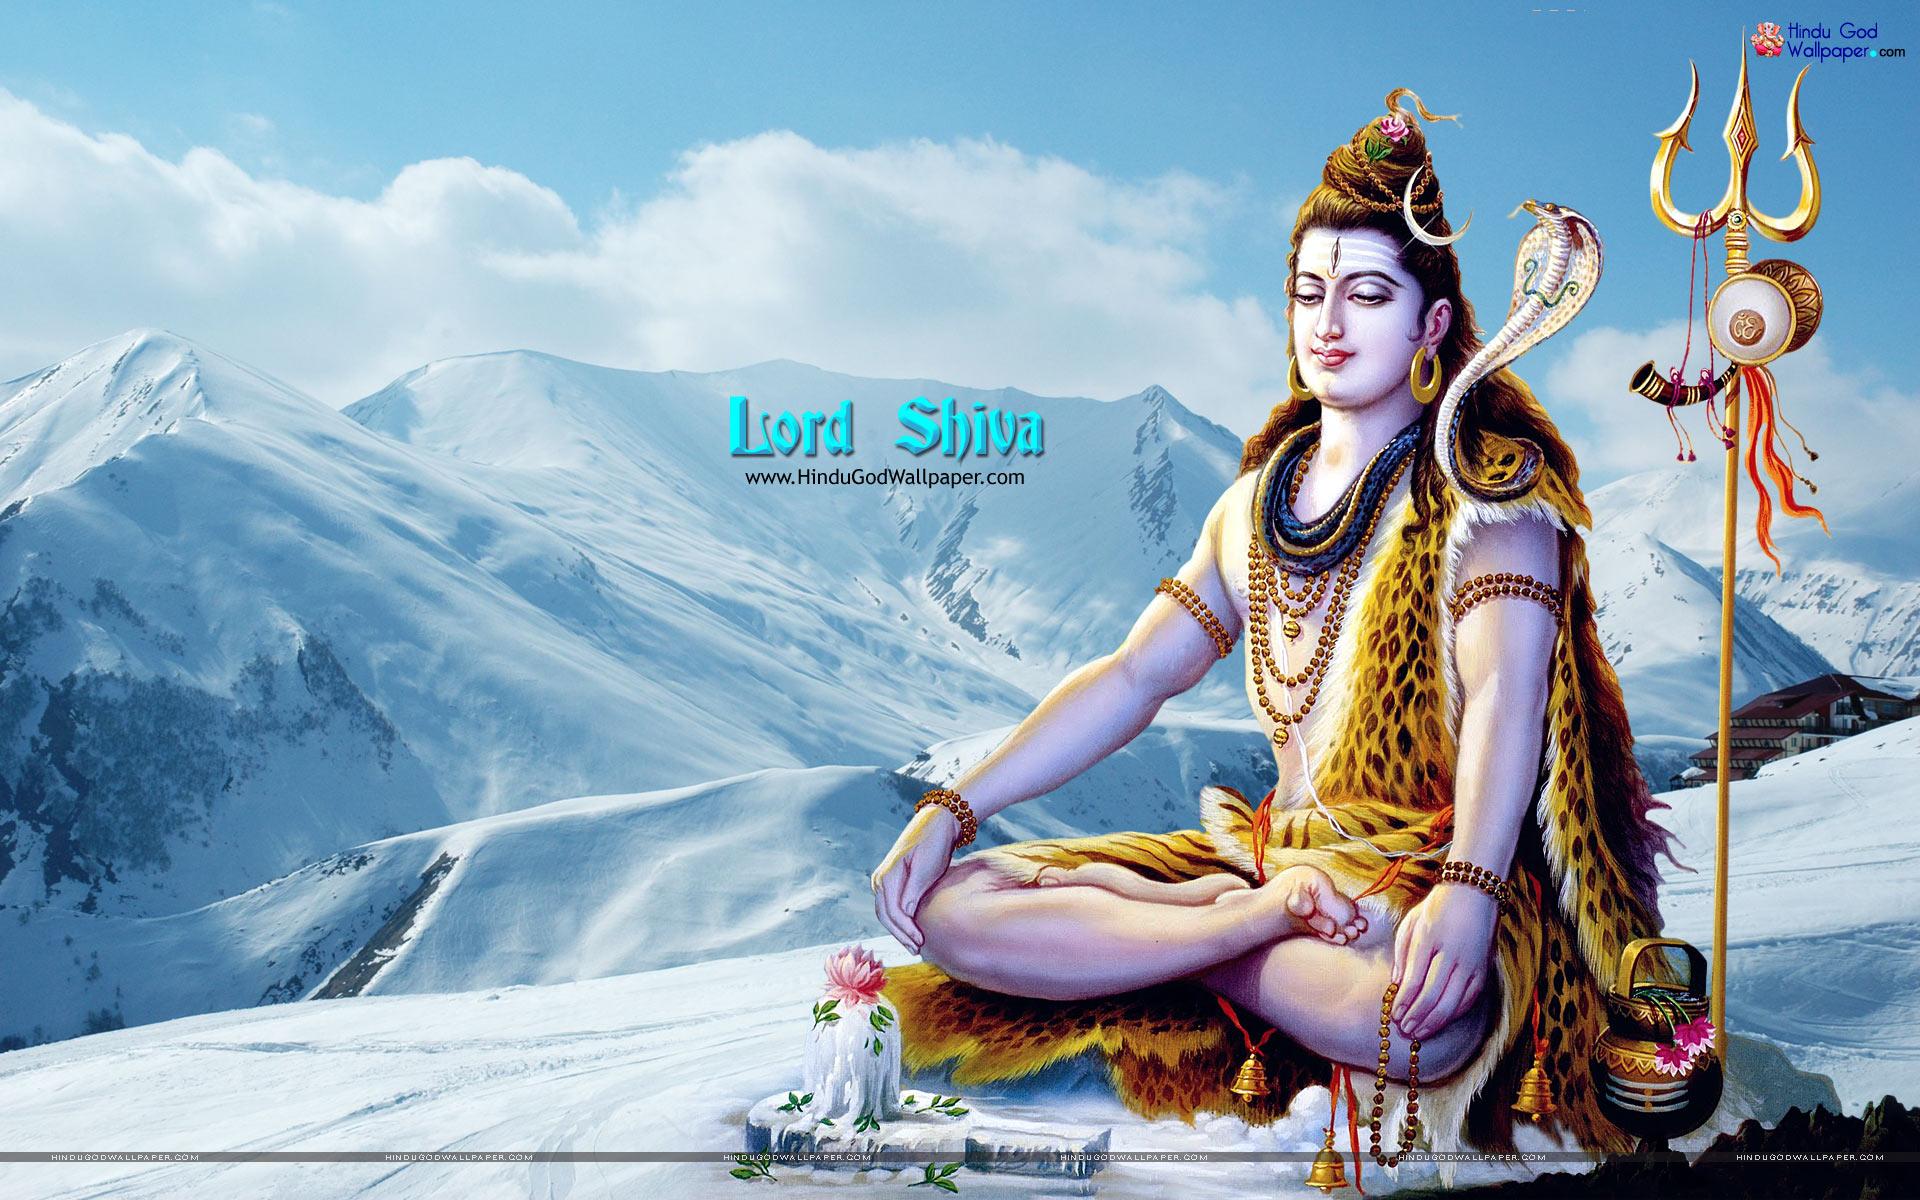 Lord Shiva Wallpaper Full Size Download 1920x1200